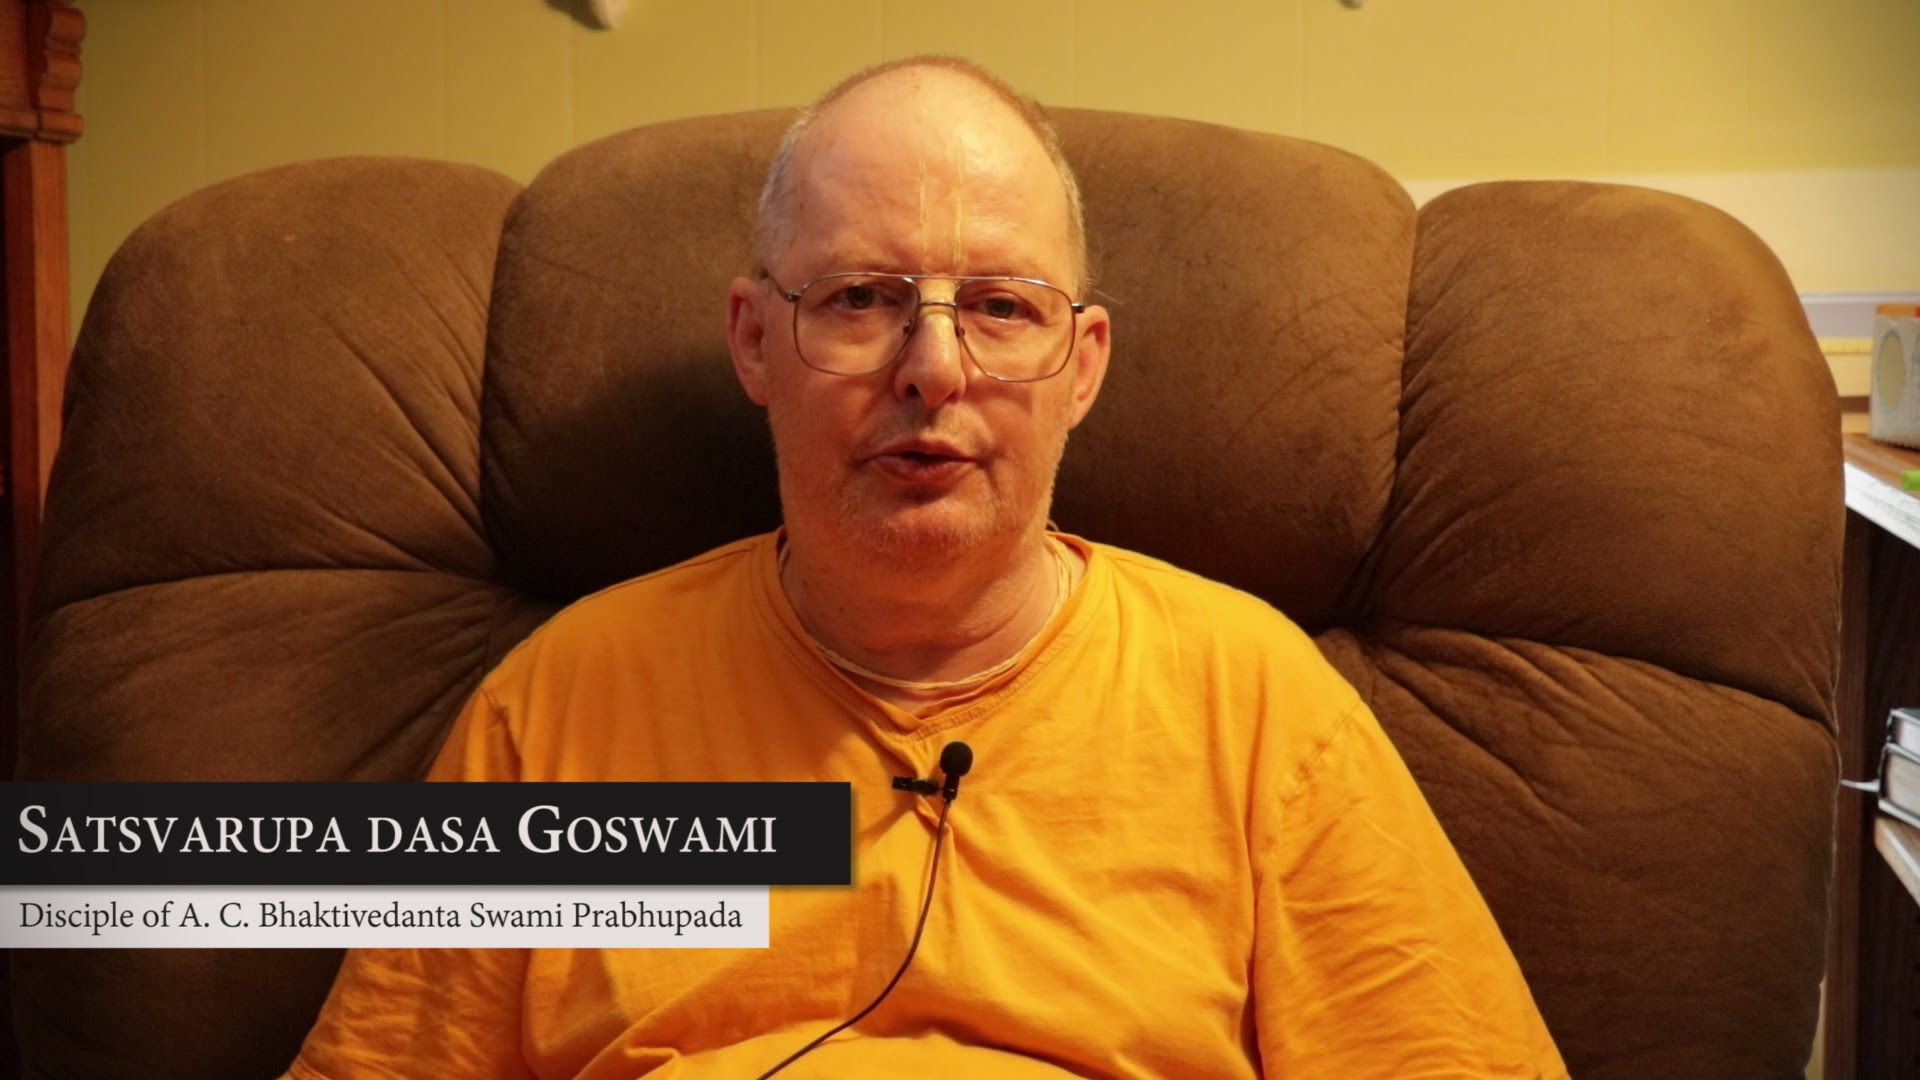 Обращение Е.С. Сатсварупы даса Госвами к преданным Закарпатского тура.